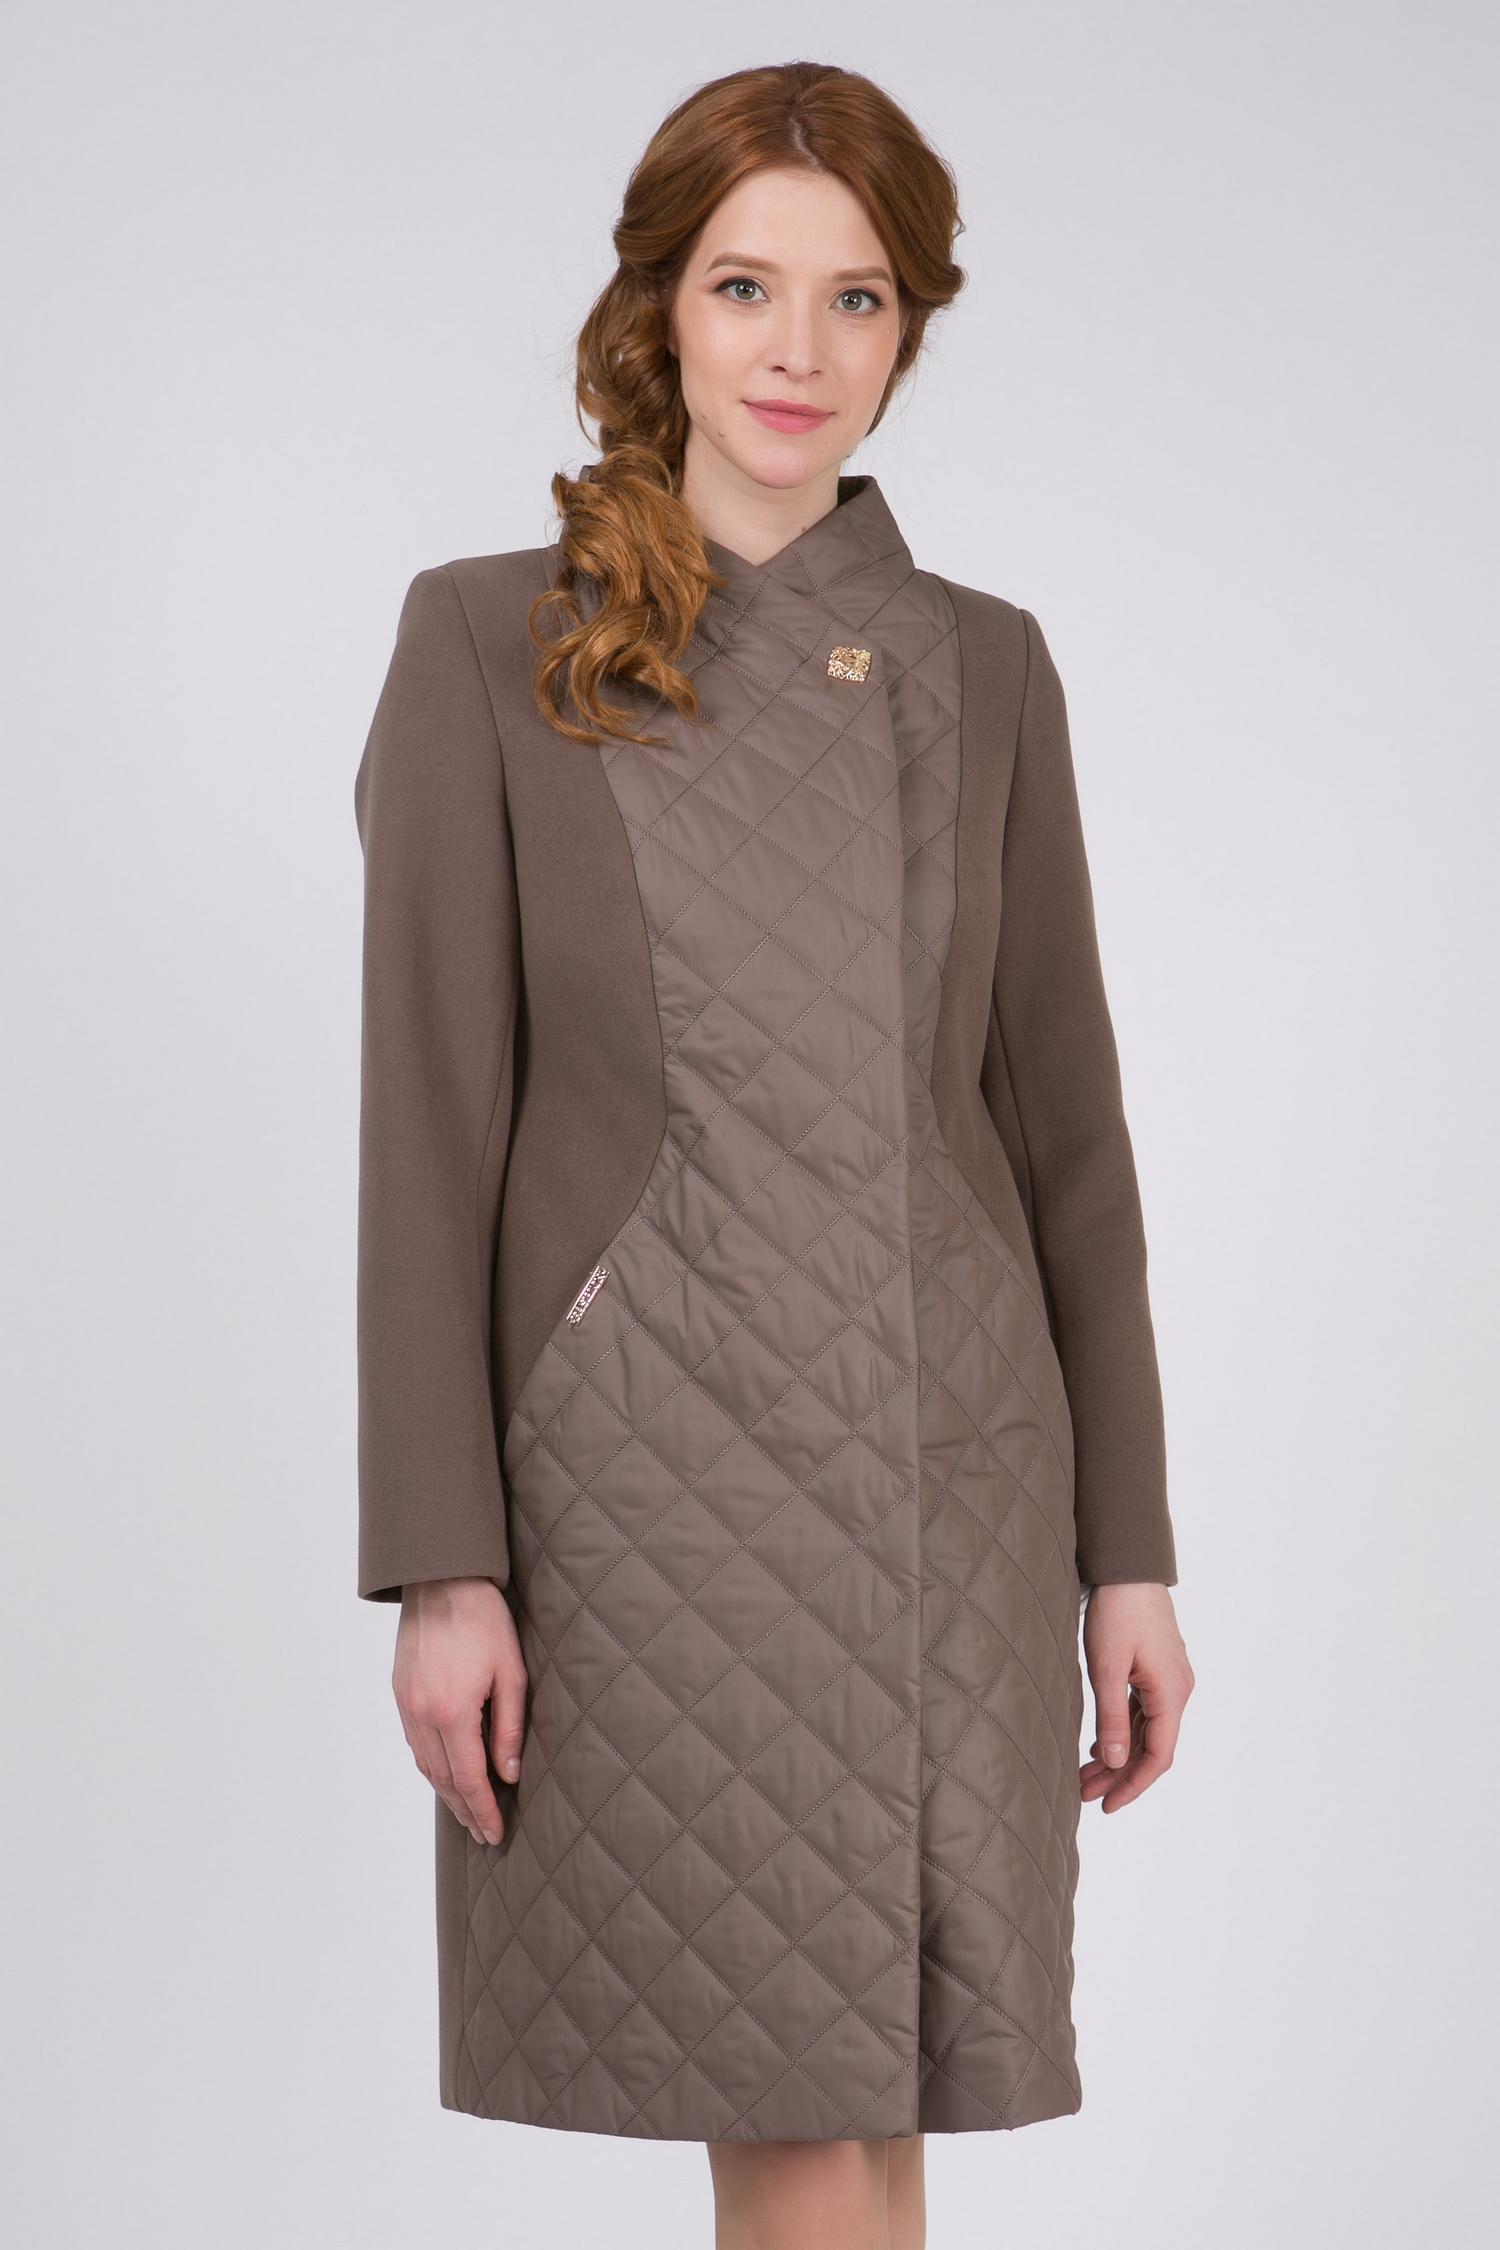 Пальто женское из текстиля с воротником, без отделки. Производитель: Московская Меховая Компания, артикул: 8787